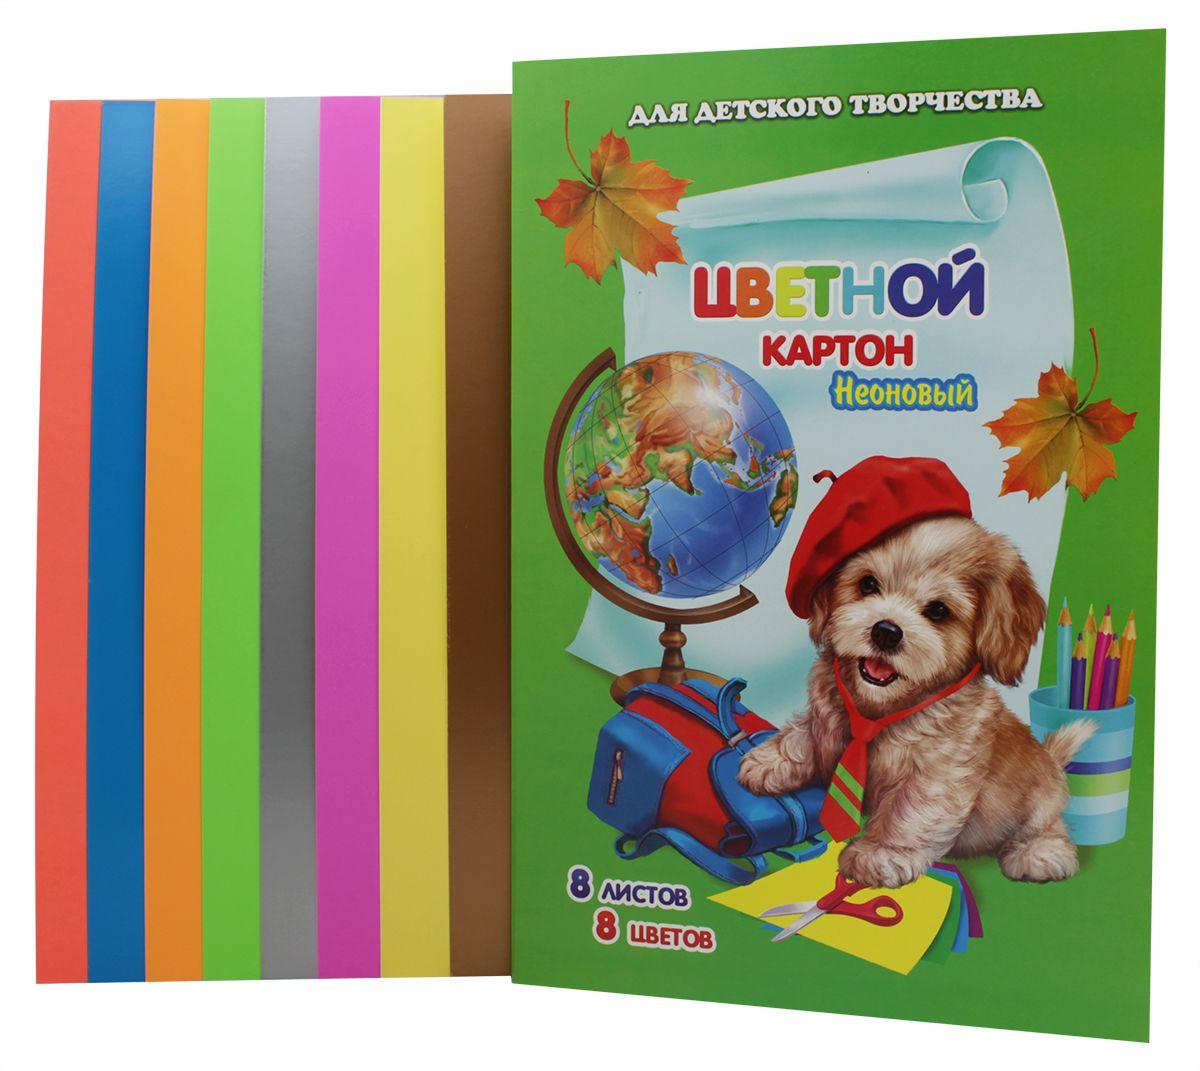 Феникс+ Картон цветной неоновый Щенок и глобус 8 листов41504Набор цветного картона Феникс+ Щенок и глобус позволит создавать всевозможные аппликации и поделки. Набор включает 8 листовцветного неонового картона формата А4. Создание поделок из цветного картона позволяет ребенку развивать творческие способности,кроме того, это увлекательный досуг.